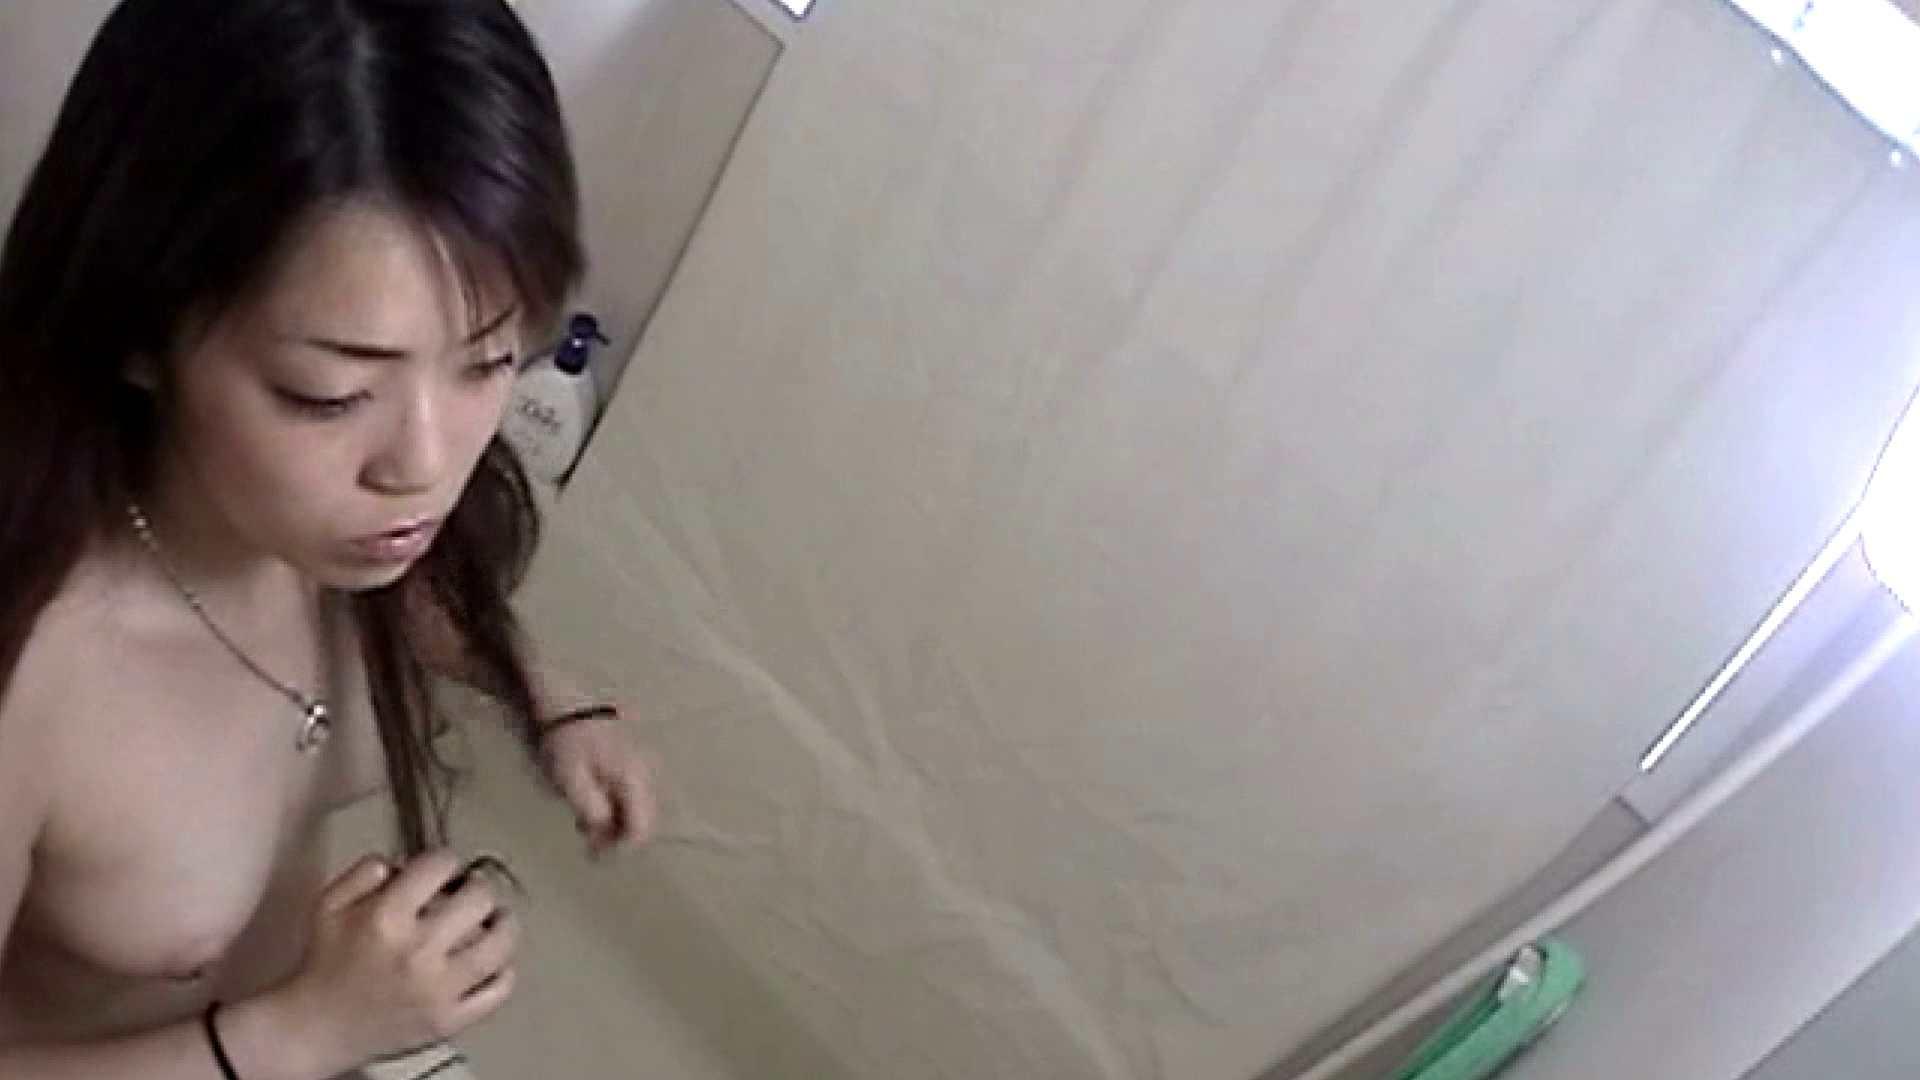 素人女良を部屋に連れ込み隠し撮りSEX!!その⑲ Dカップ潮吹き短大生 もとこ  素人・盗撮 アダルト動画キャプチャ 110枚 12